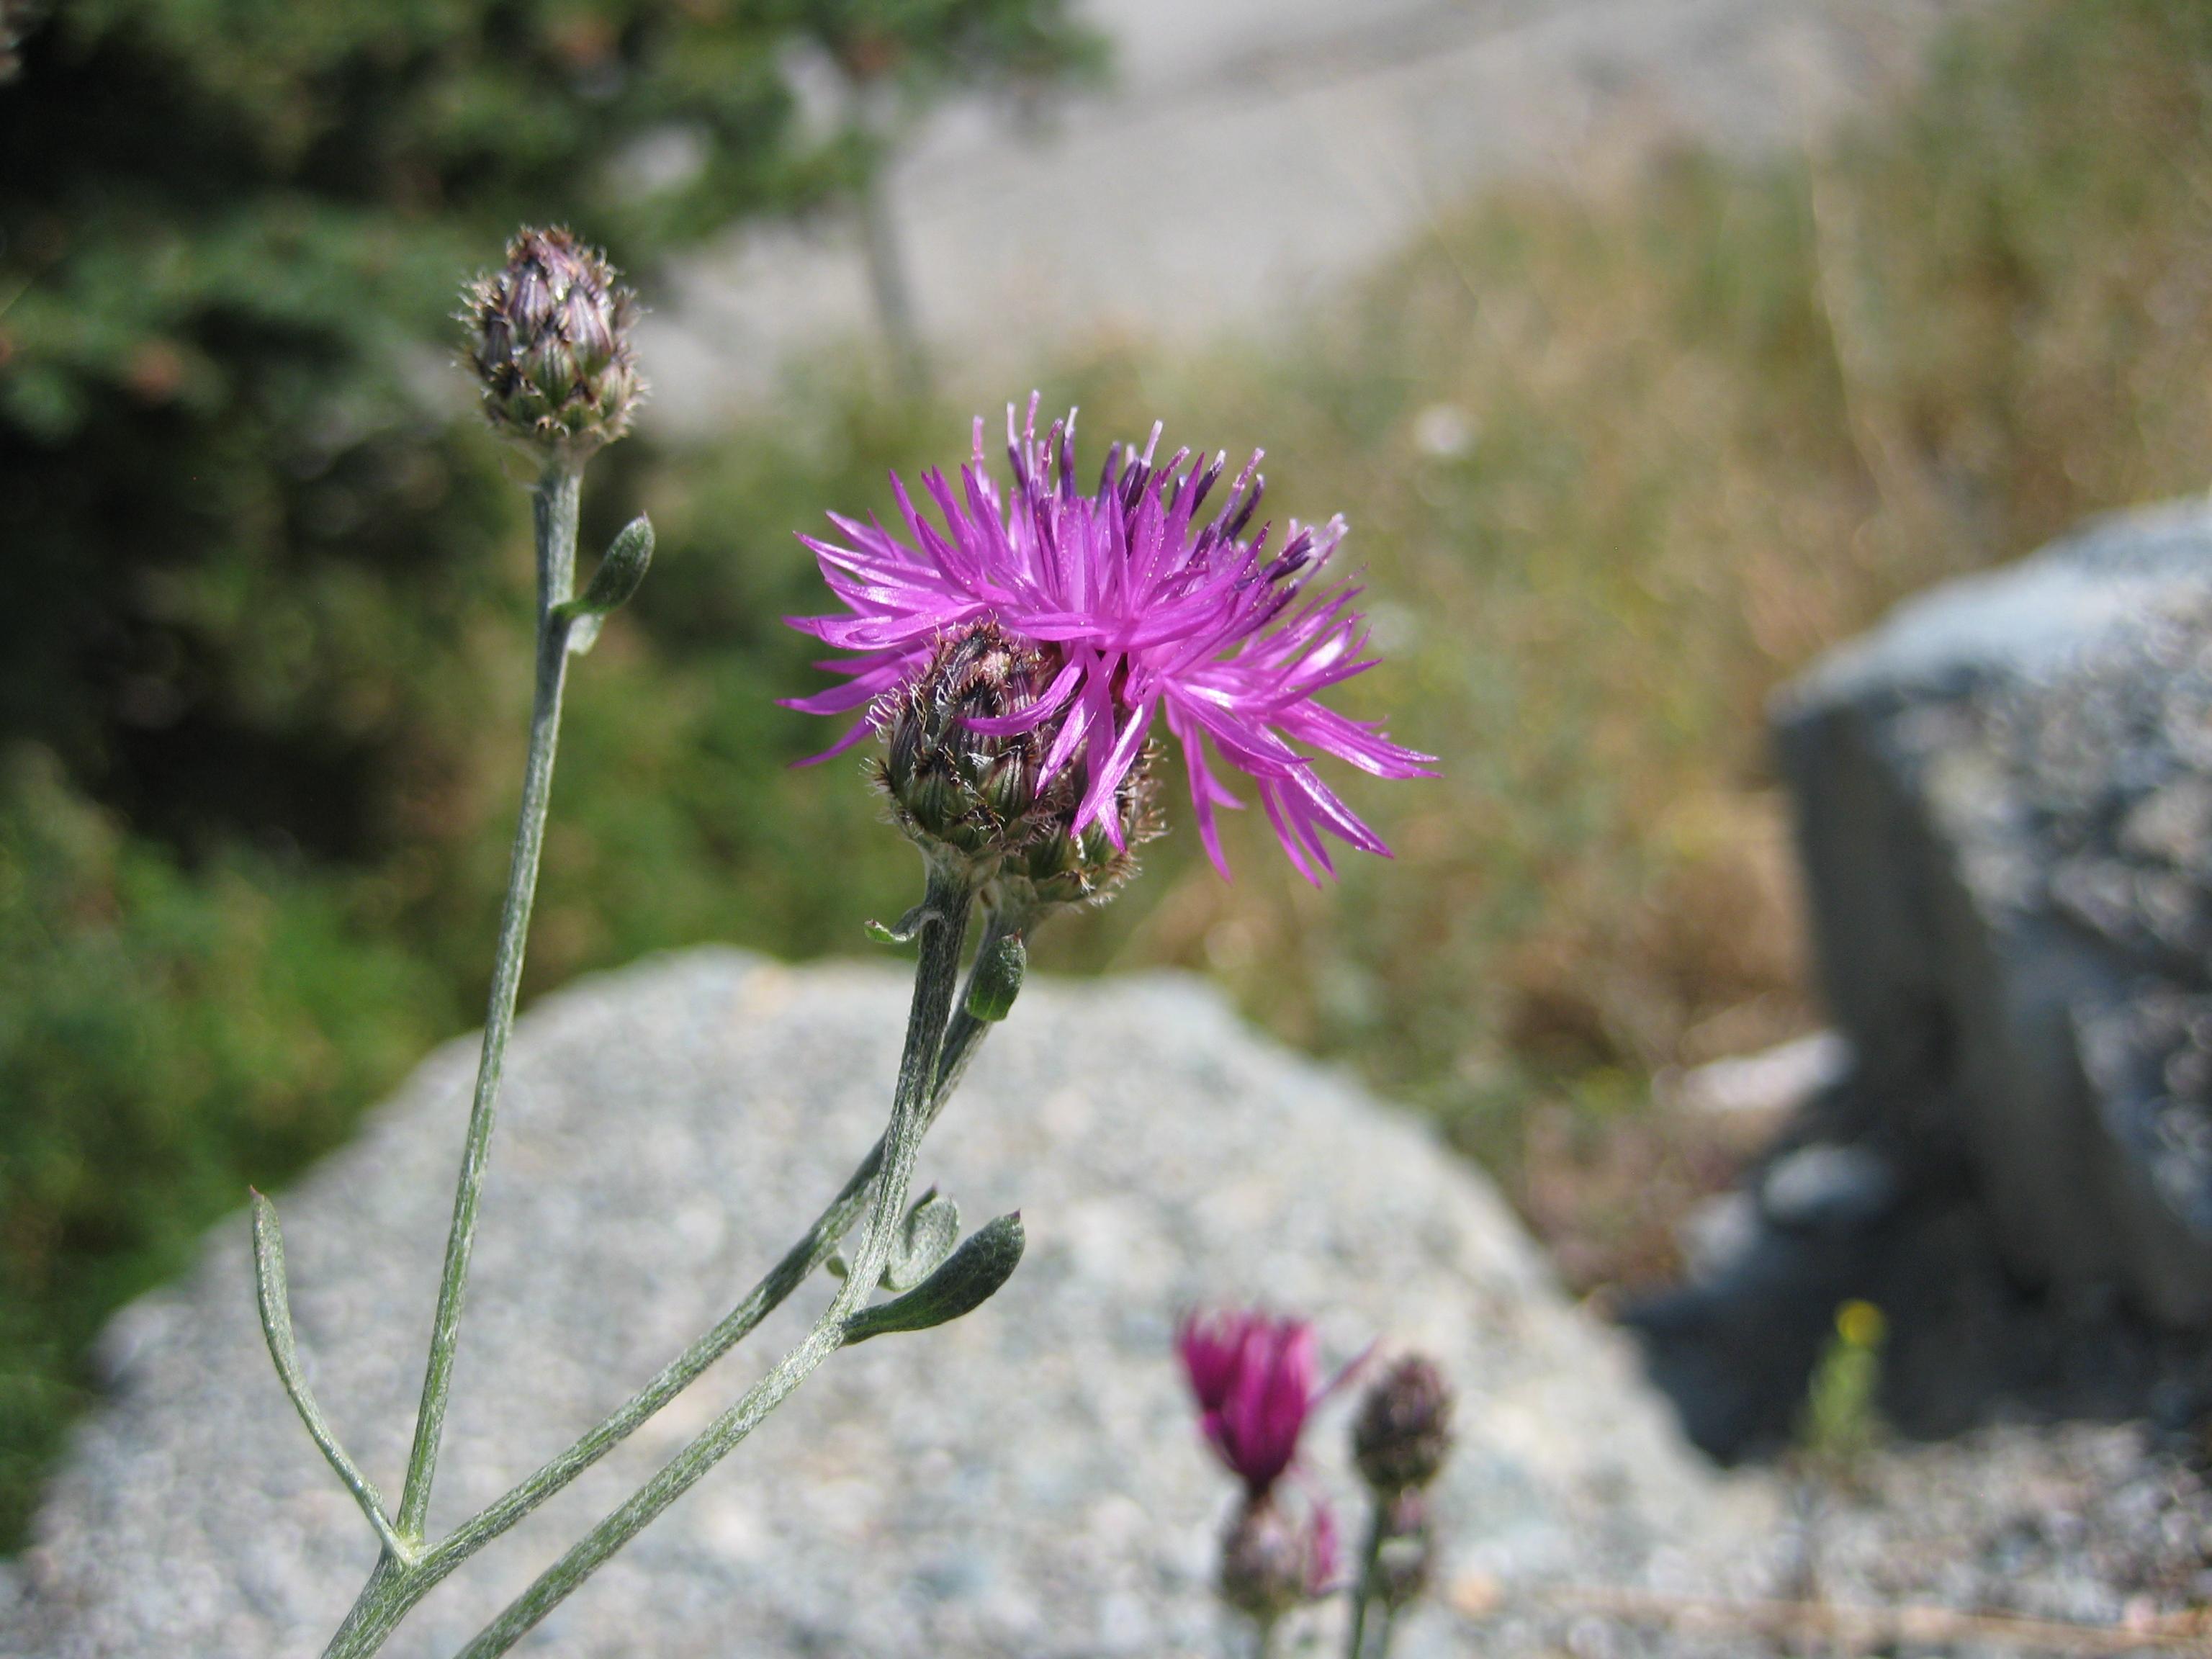 centaurea_biebersteinii_spotted_knapweed_flowers_whistler_ssisc